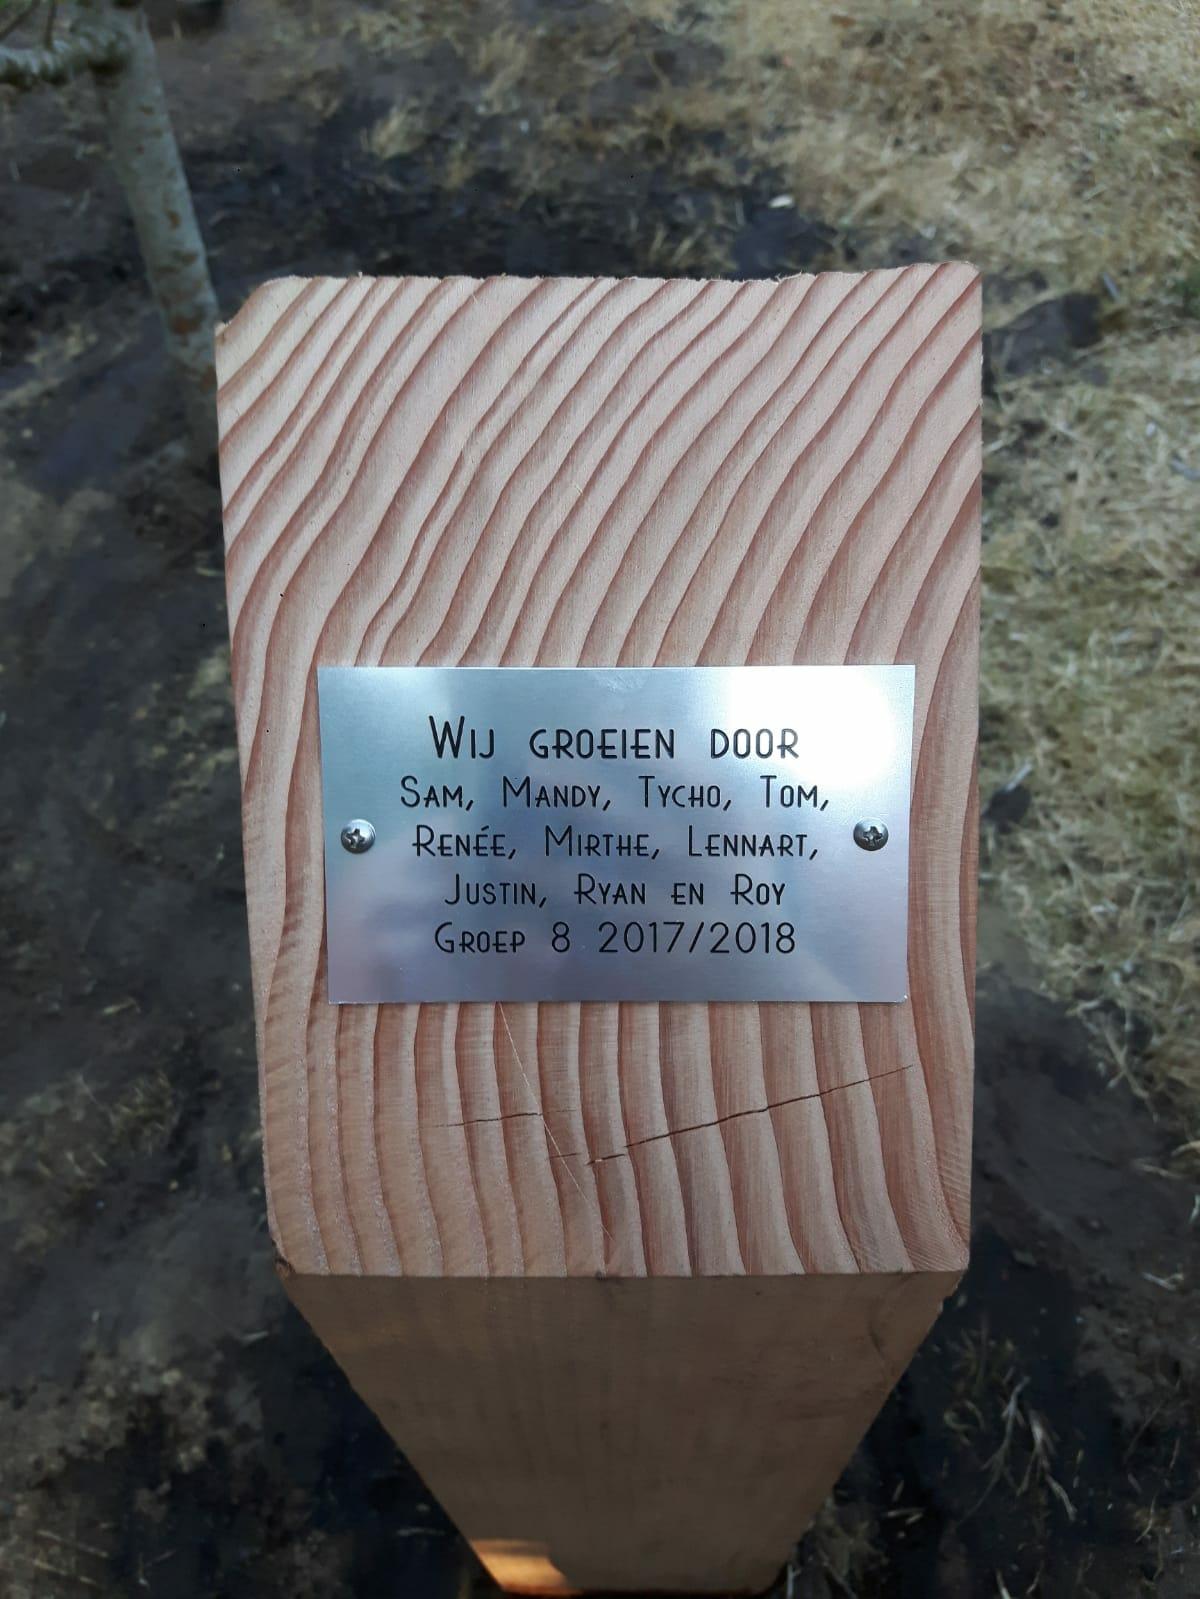 IMG-20180717-WA0002.jpg